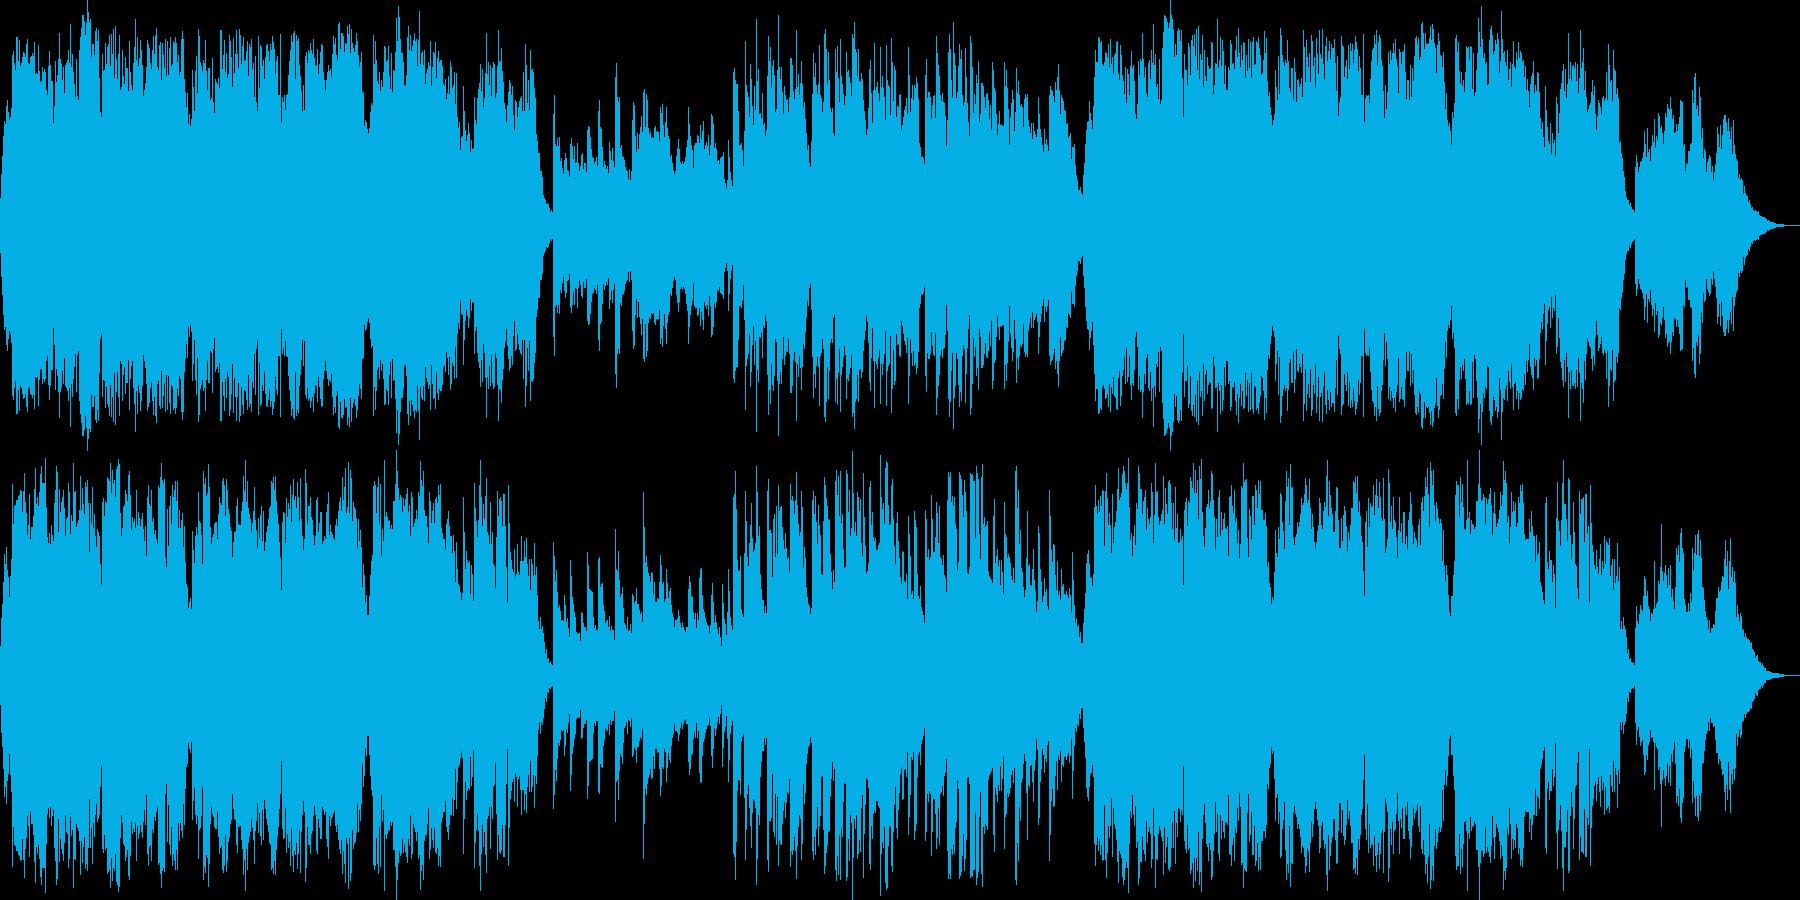 侘び寂びある日本の暮らし和風 琴とチェロの再生済みの波形